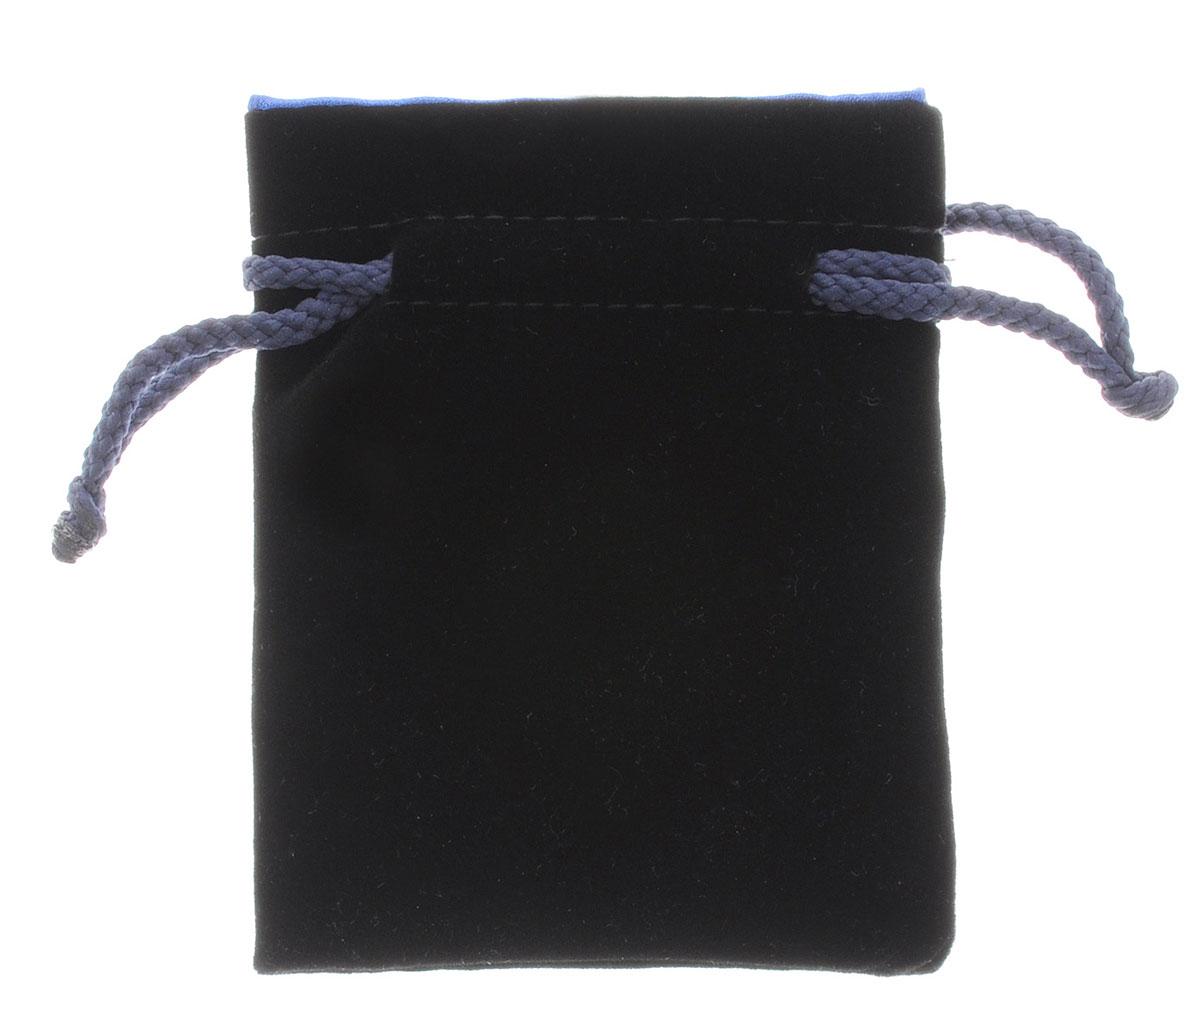 Pandoras Box Мешочек Мини для хранения кубиков и игральных карт цвет черный синий04PB005_черный, синийМешочек Pandoras Box Мини прекрасно подходит для хранения игральных костей, игральных карт, фишек и каунтеров, прочих мелочей и аксессуаров. Мешочек, изготовленный из натурального бархата и атласа, затягивается сверху на шнурок-кулиску.